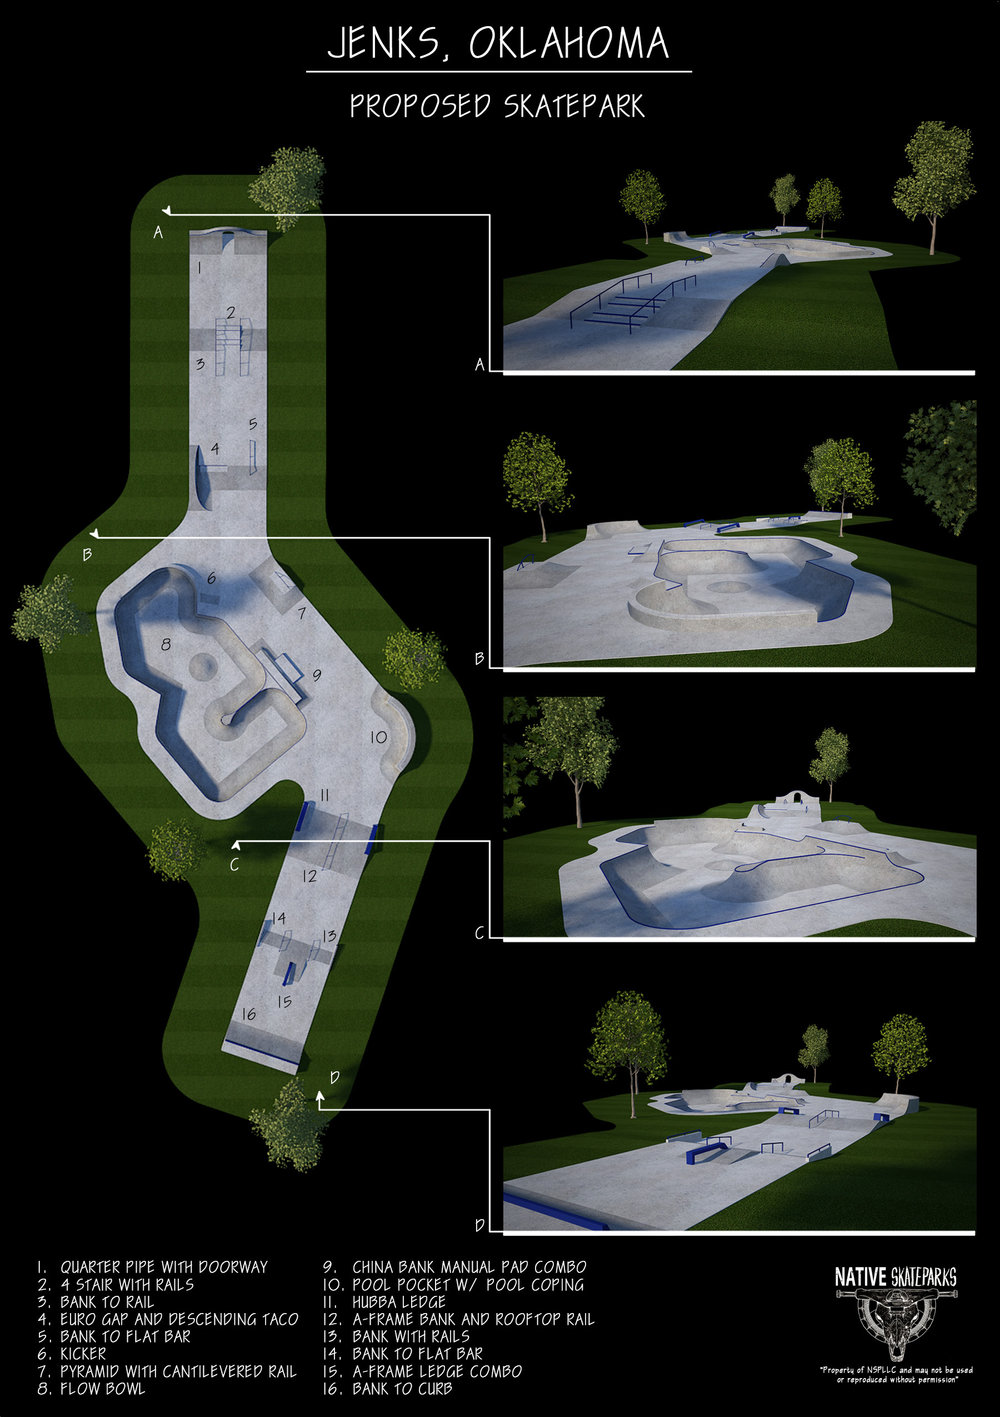 Concept rendering for the new Jenks Skatepark.